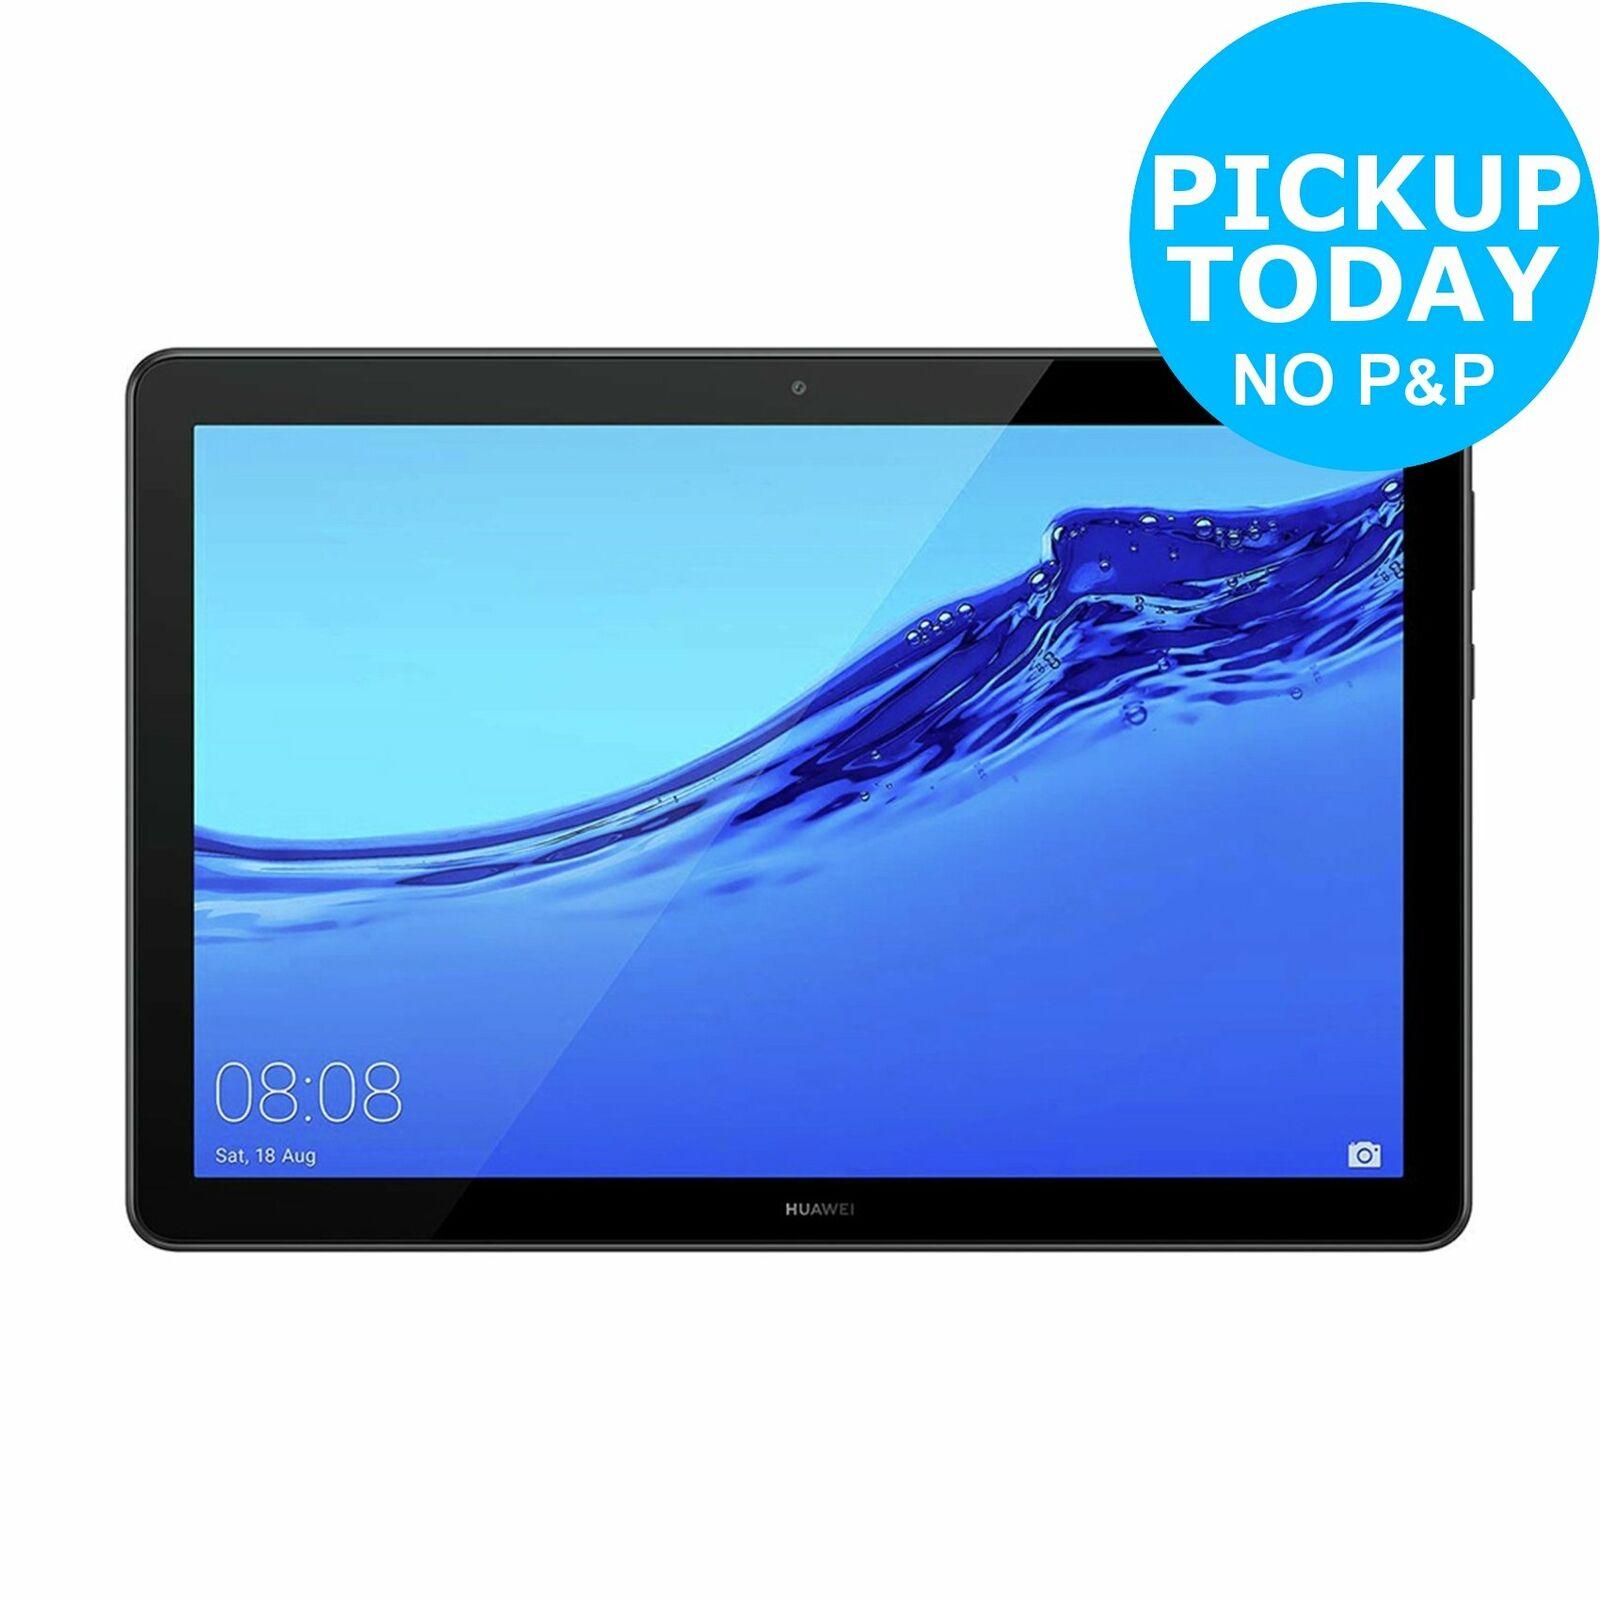 Huawei Mediapad T5 10.1 Inch 32gb 1080p Wifi Android Tablet - Grey - £119.99 @ Argos / eBay